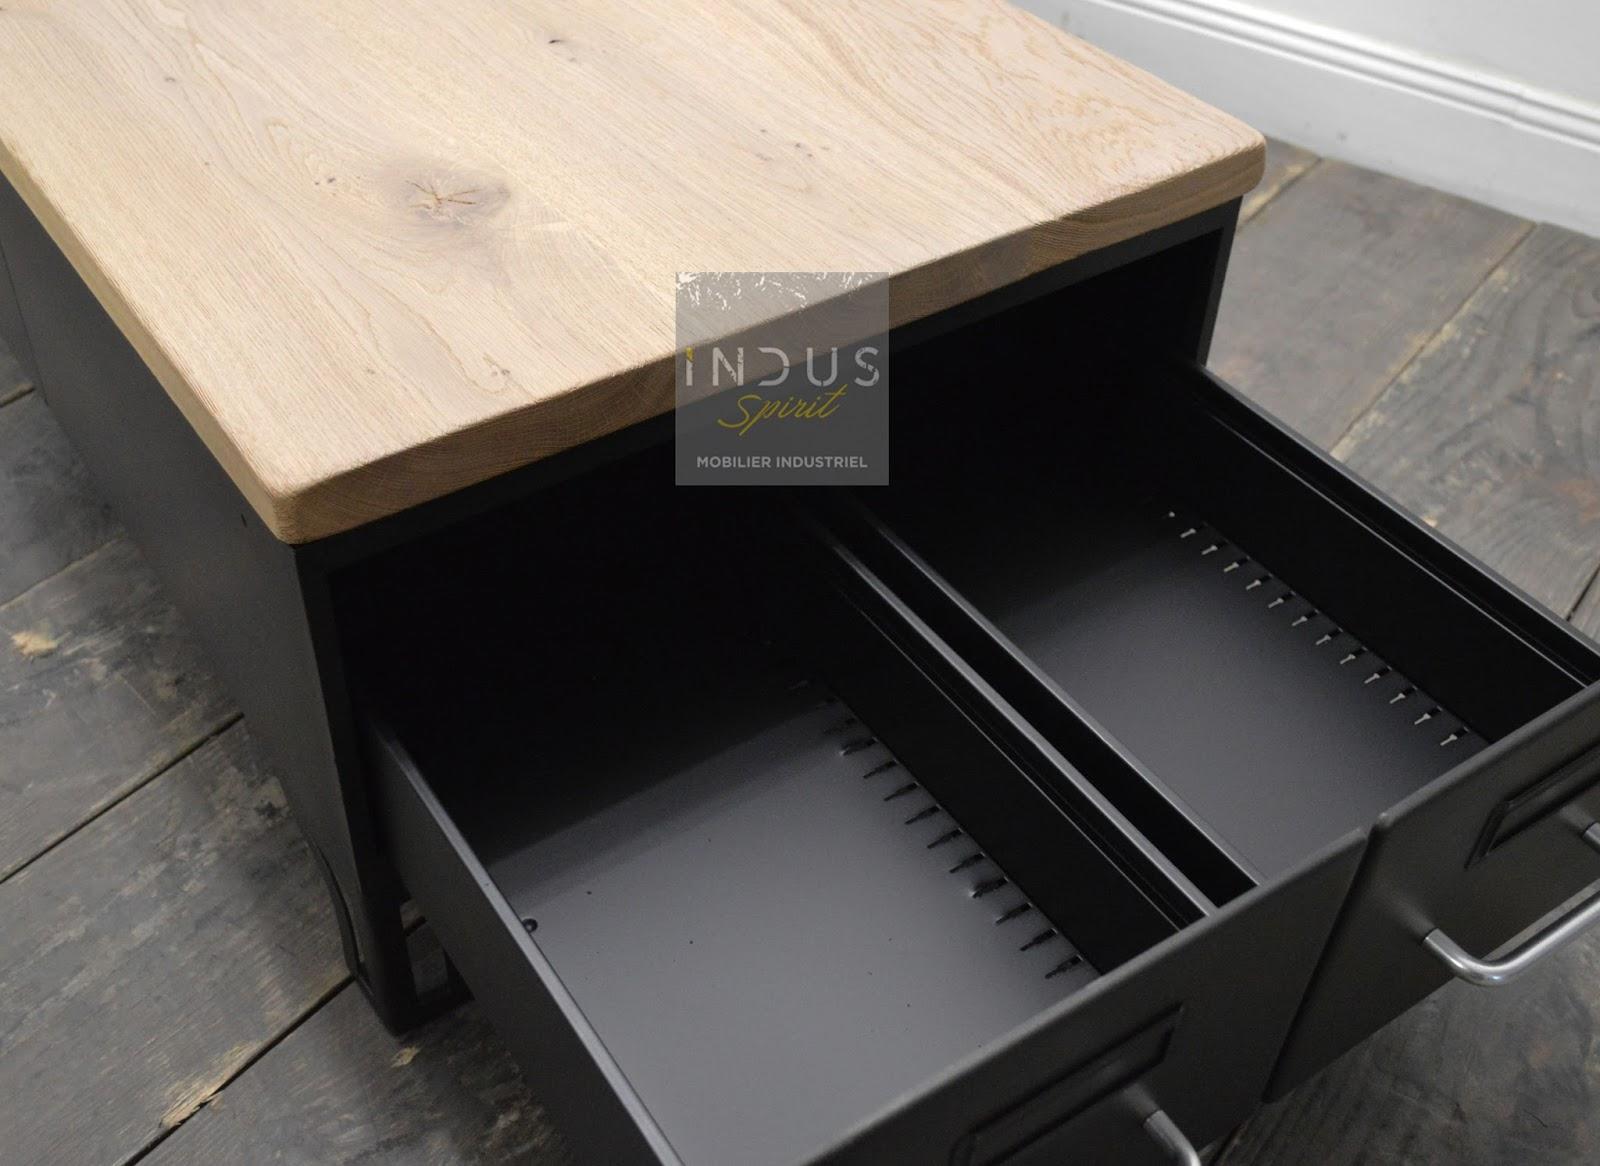 Table basse industrielle avec tiroir for Table basse industrielle tiroir